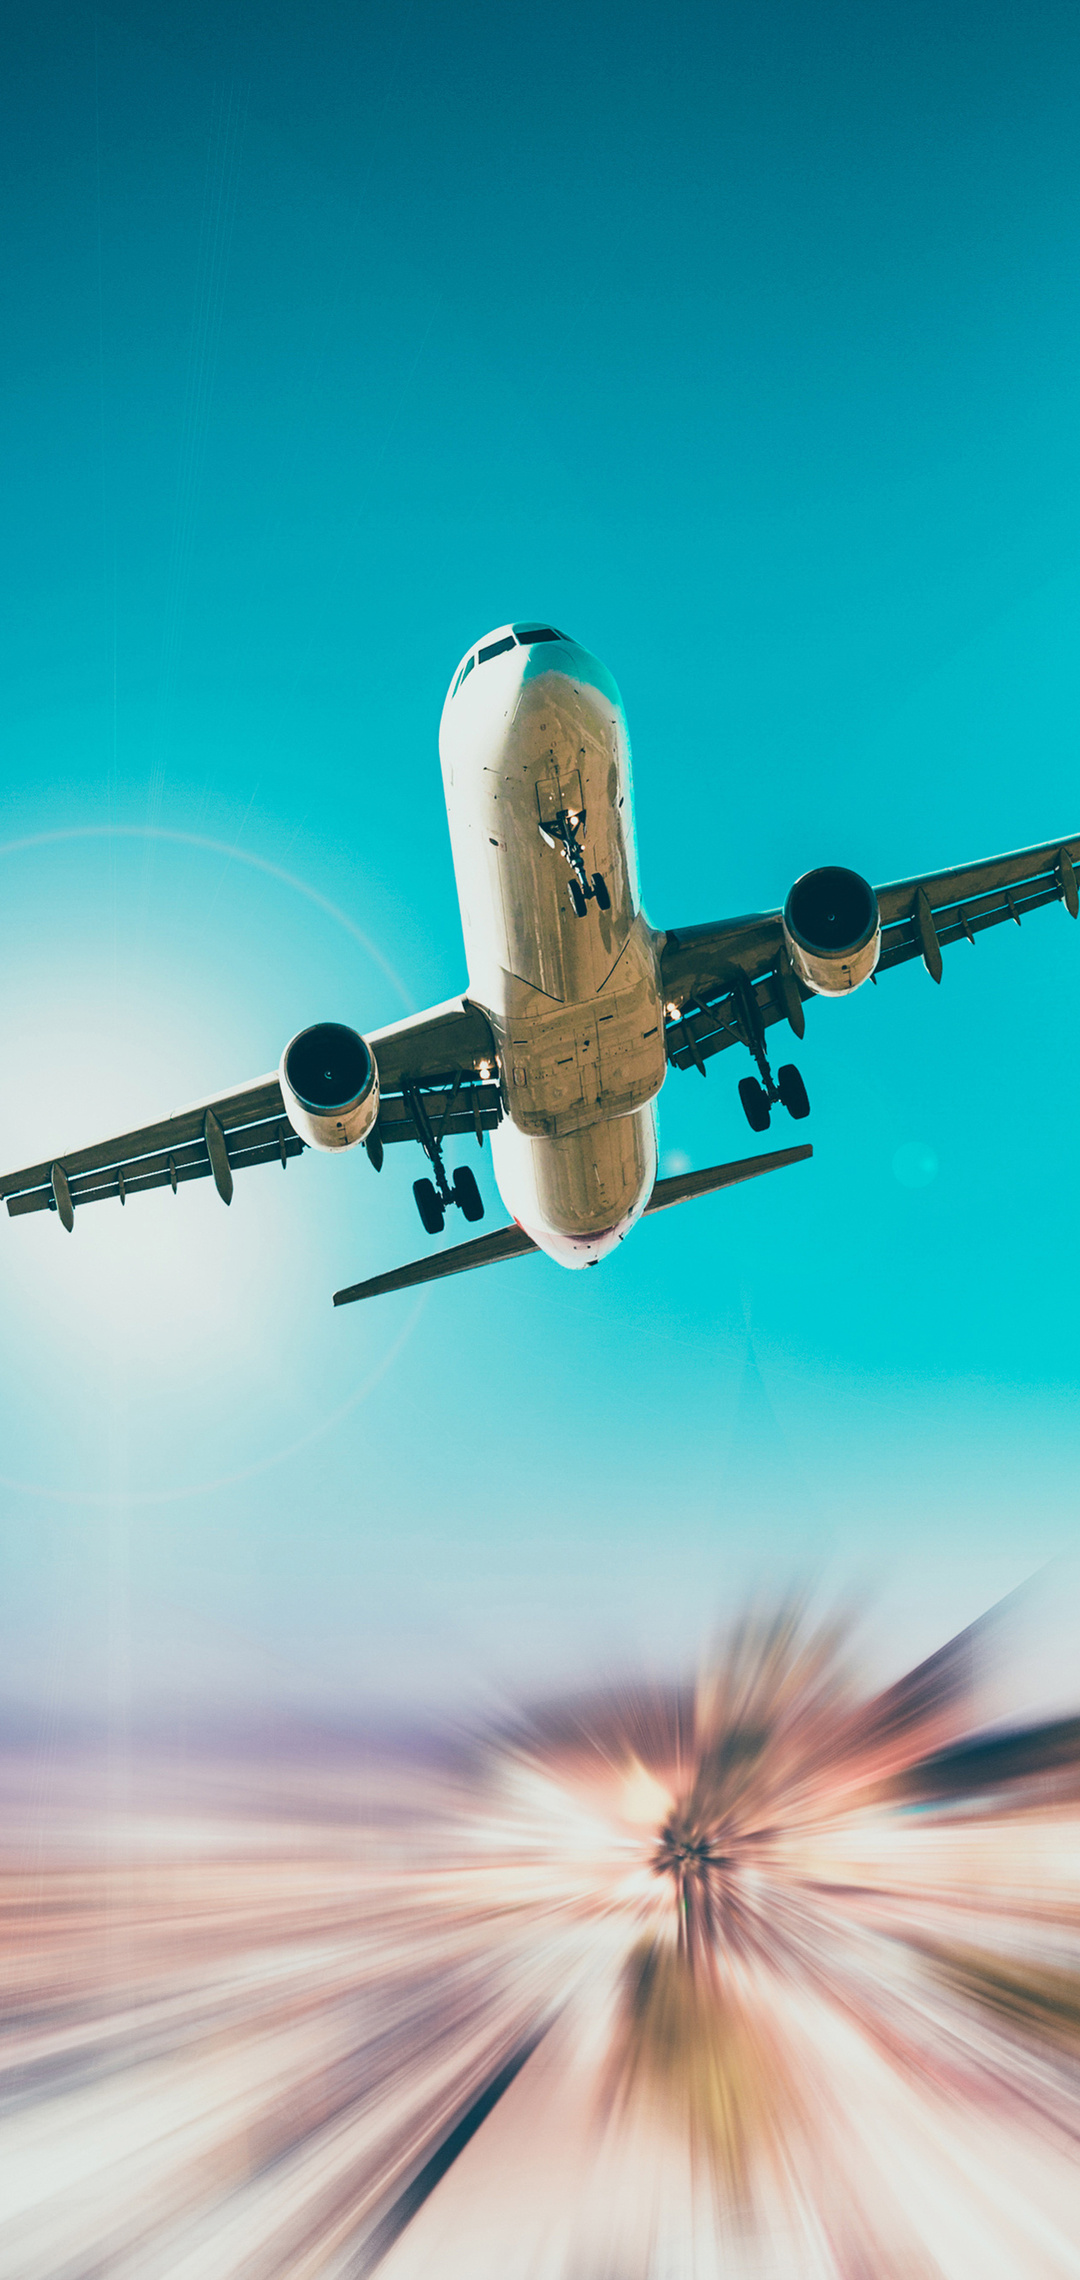 1080x2280 Airplane 5k One Plus 6 Huawei P20 Honor View 10 Vivo Y85